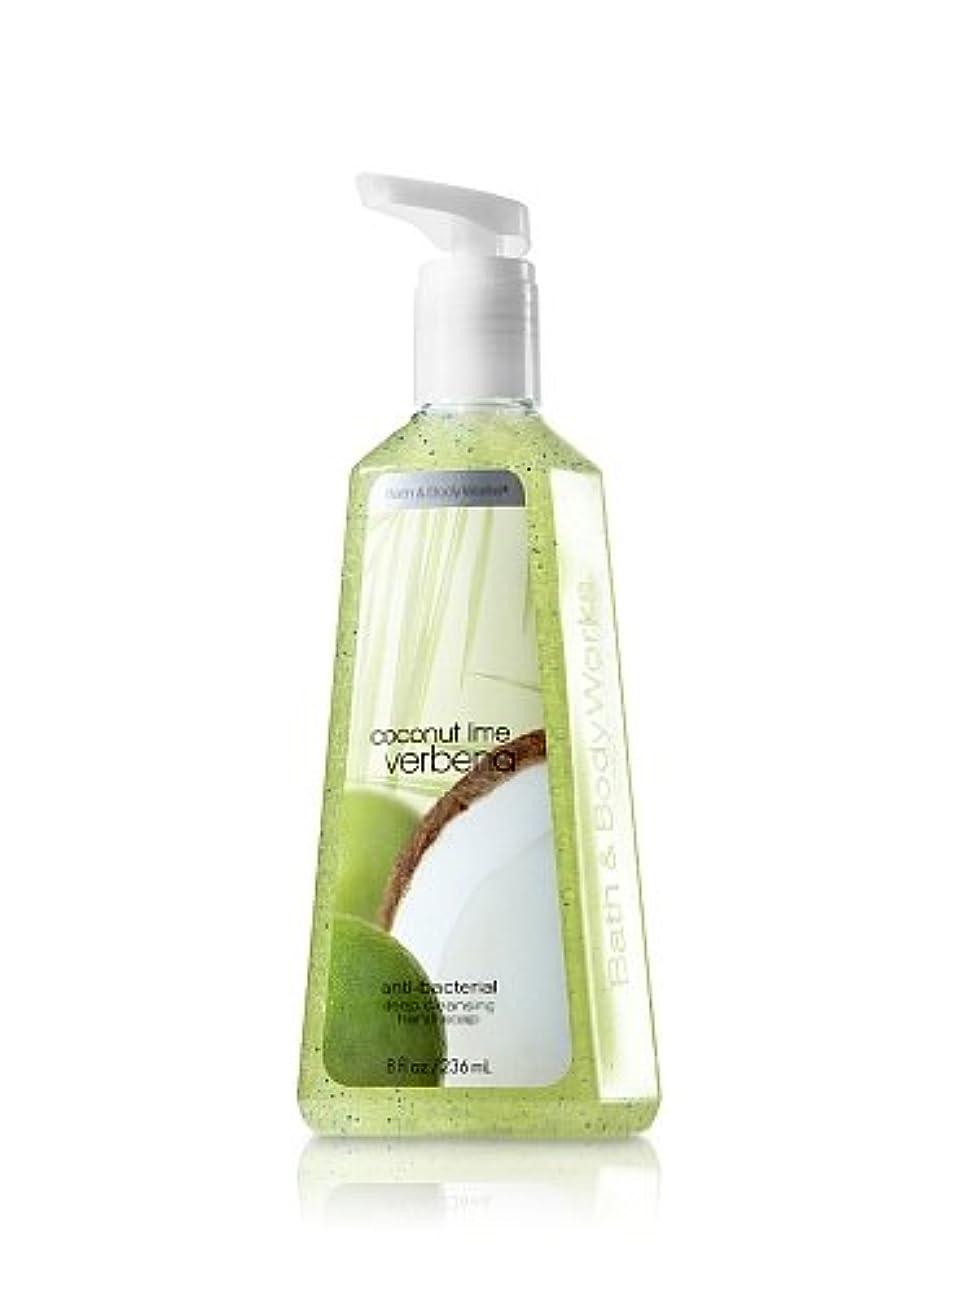 反響するわずかにミニバス&ボディワークス ココナッツライムバーベナ ディープクレンジングハンドソープ Coconut Lime Verbena Deep Cleansing Hand Soap [海外直送品]